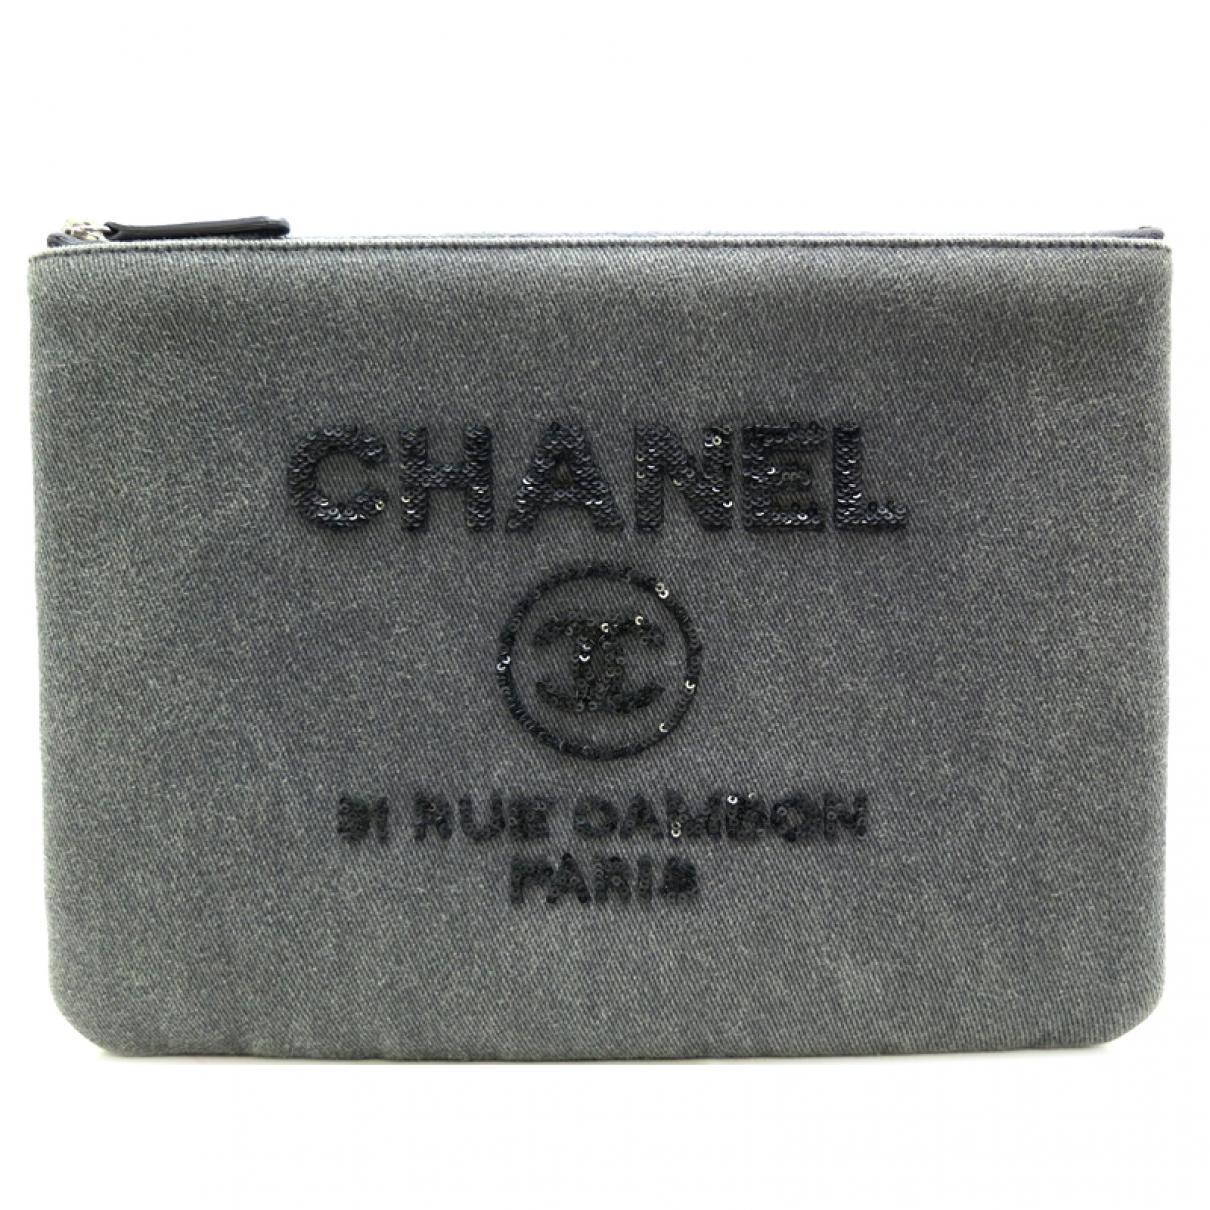 Bolsos clutch en Denim - Vaquero Gris Chanel